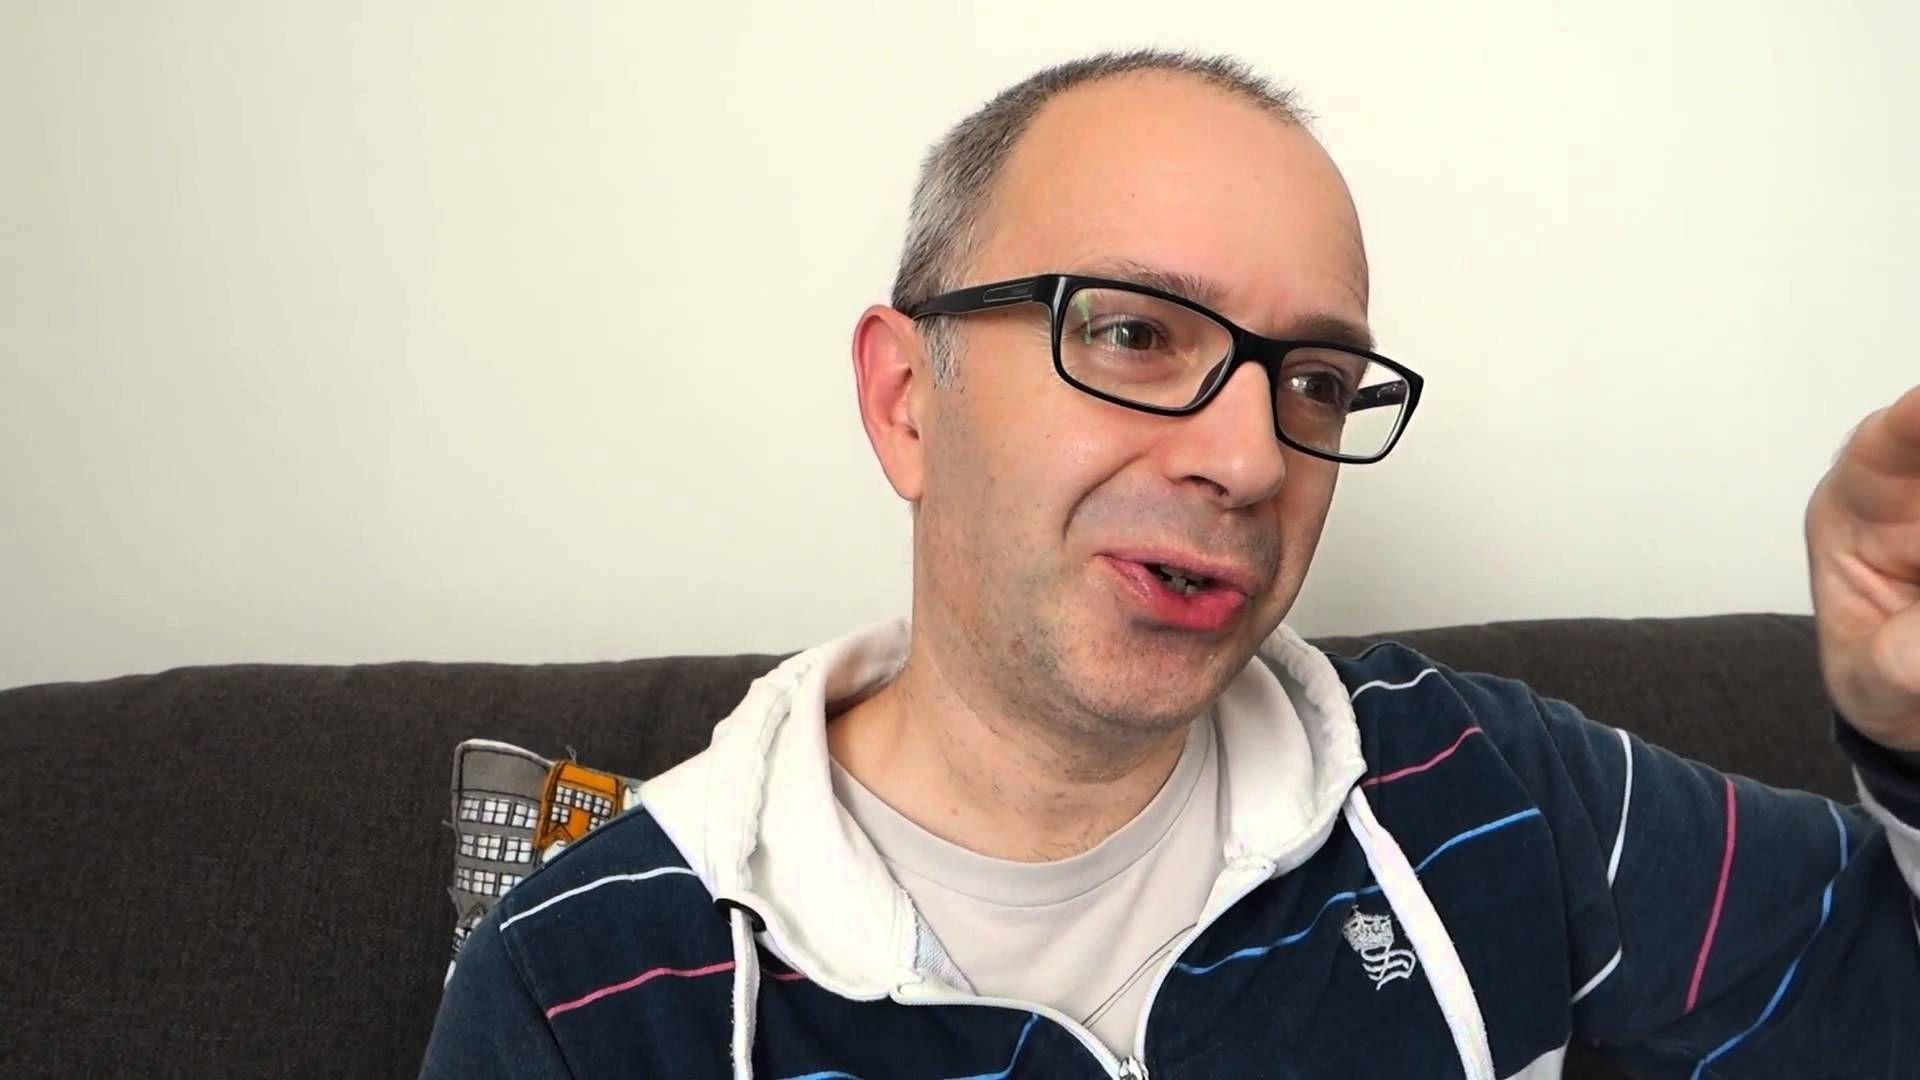 Pin by Geekanoids on Geek YouTube Videos Geek stuff